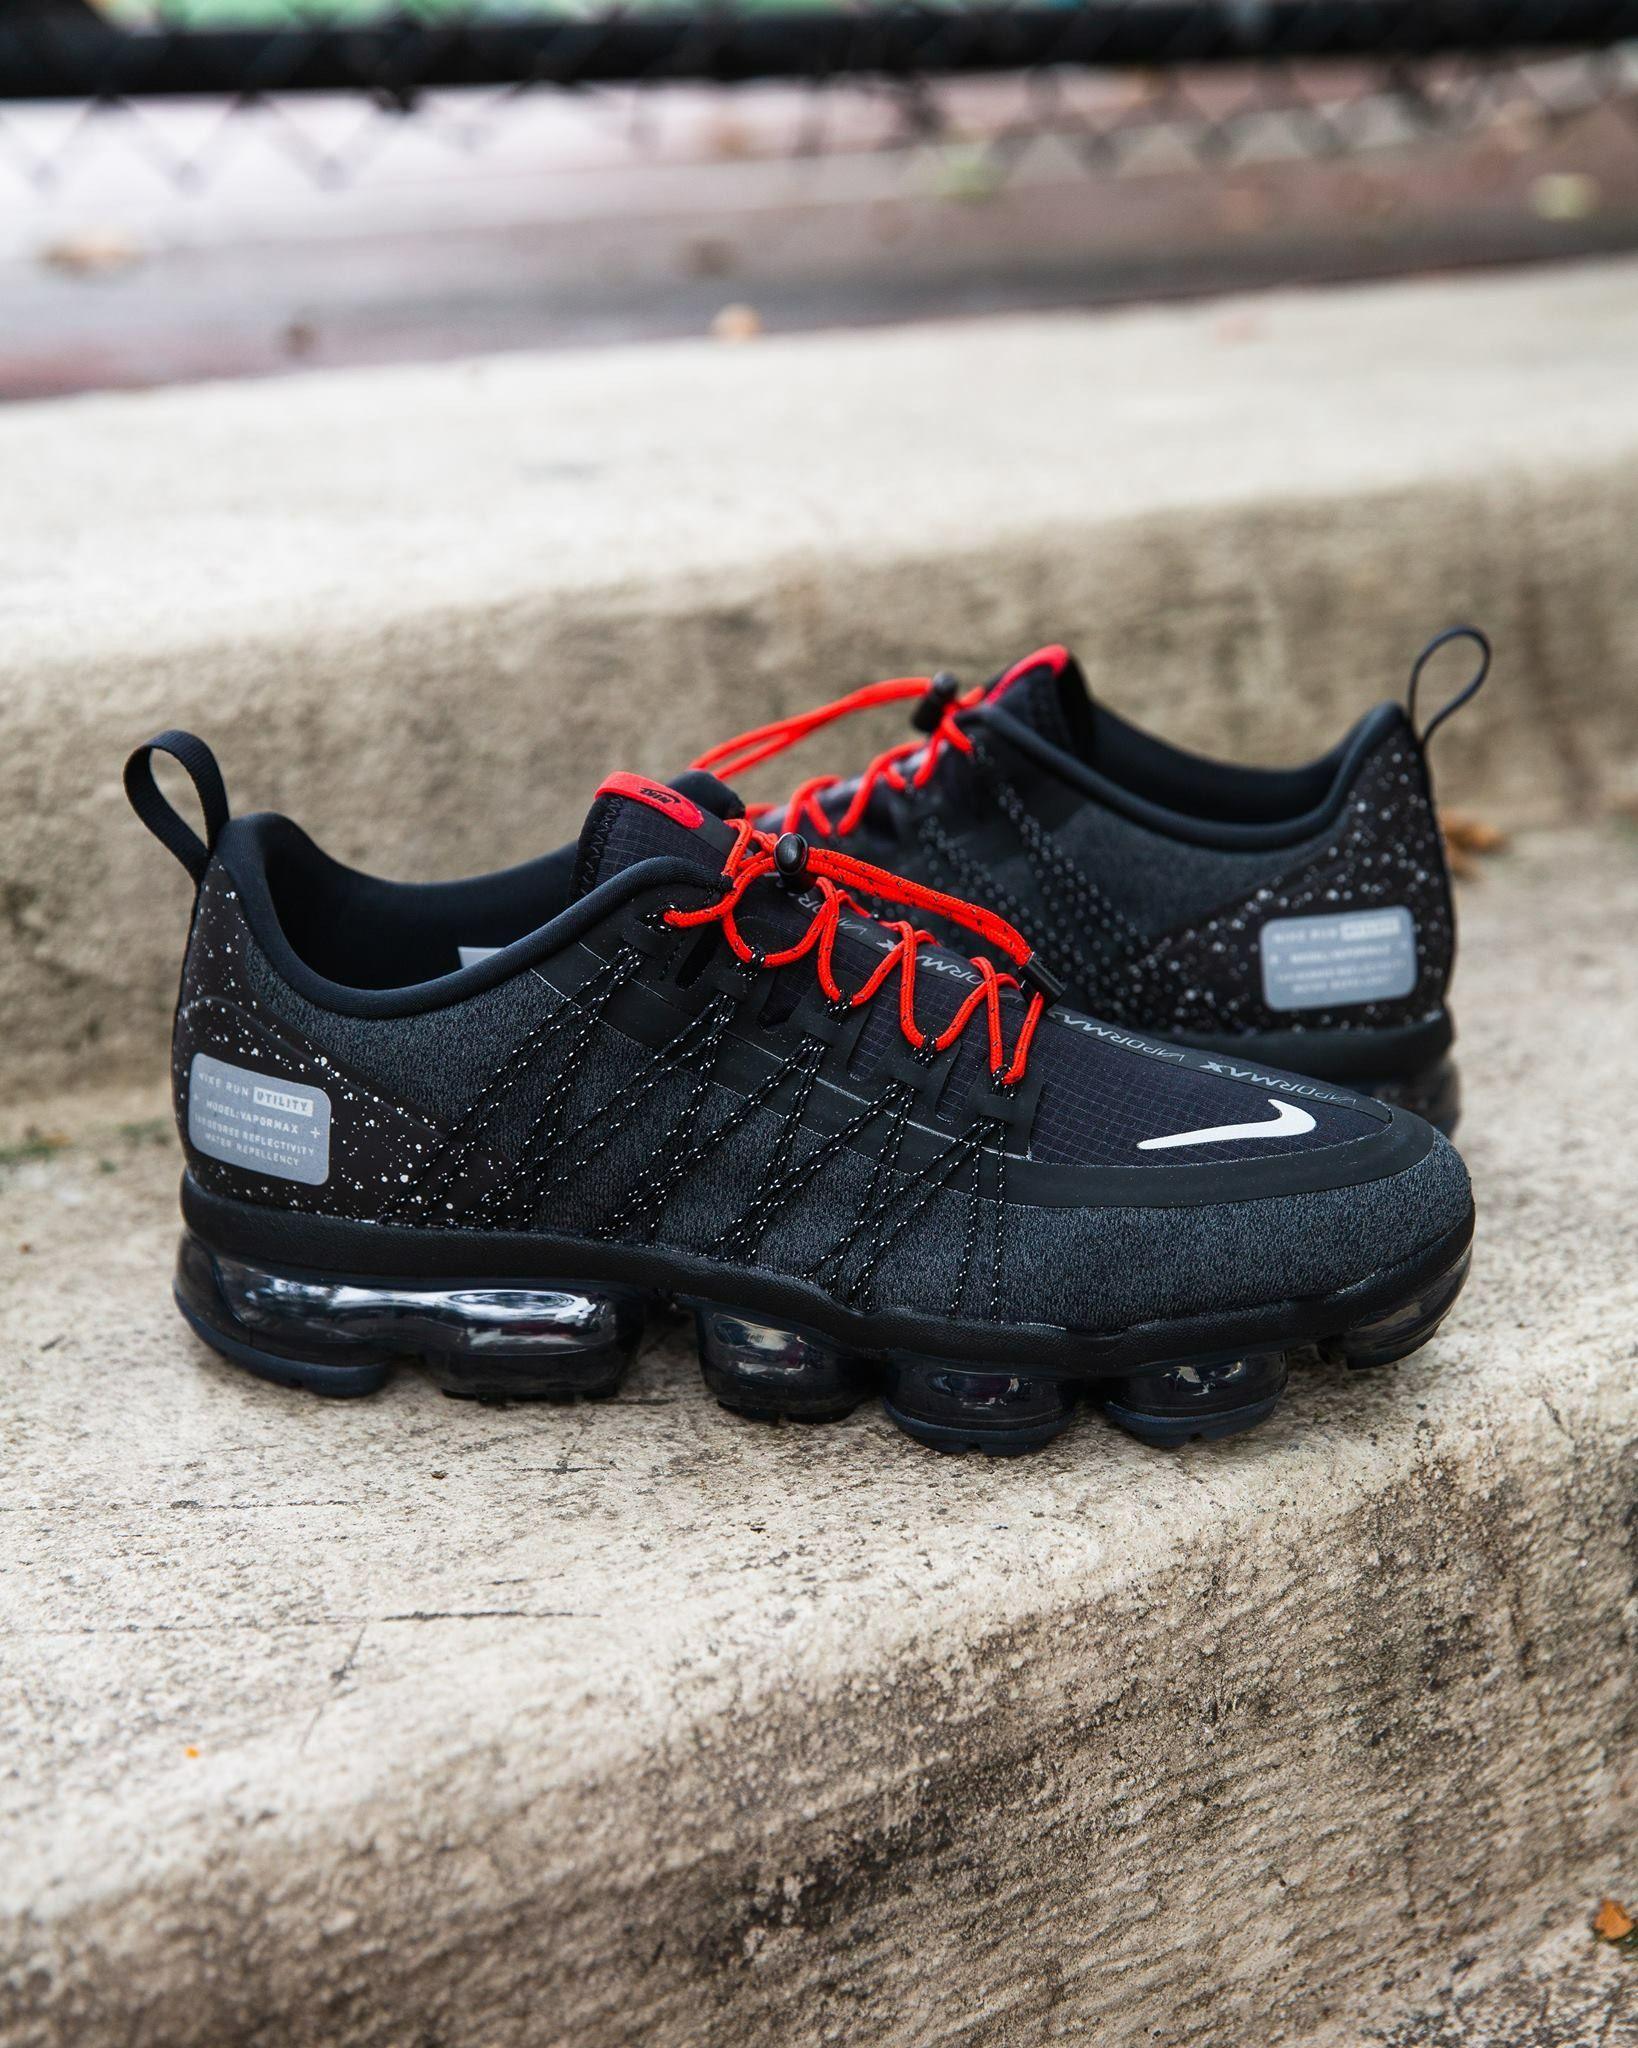 Nike Air Vapormax | Tenis de Witi en 2019 | Zapatos, Moda y